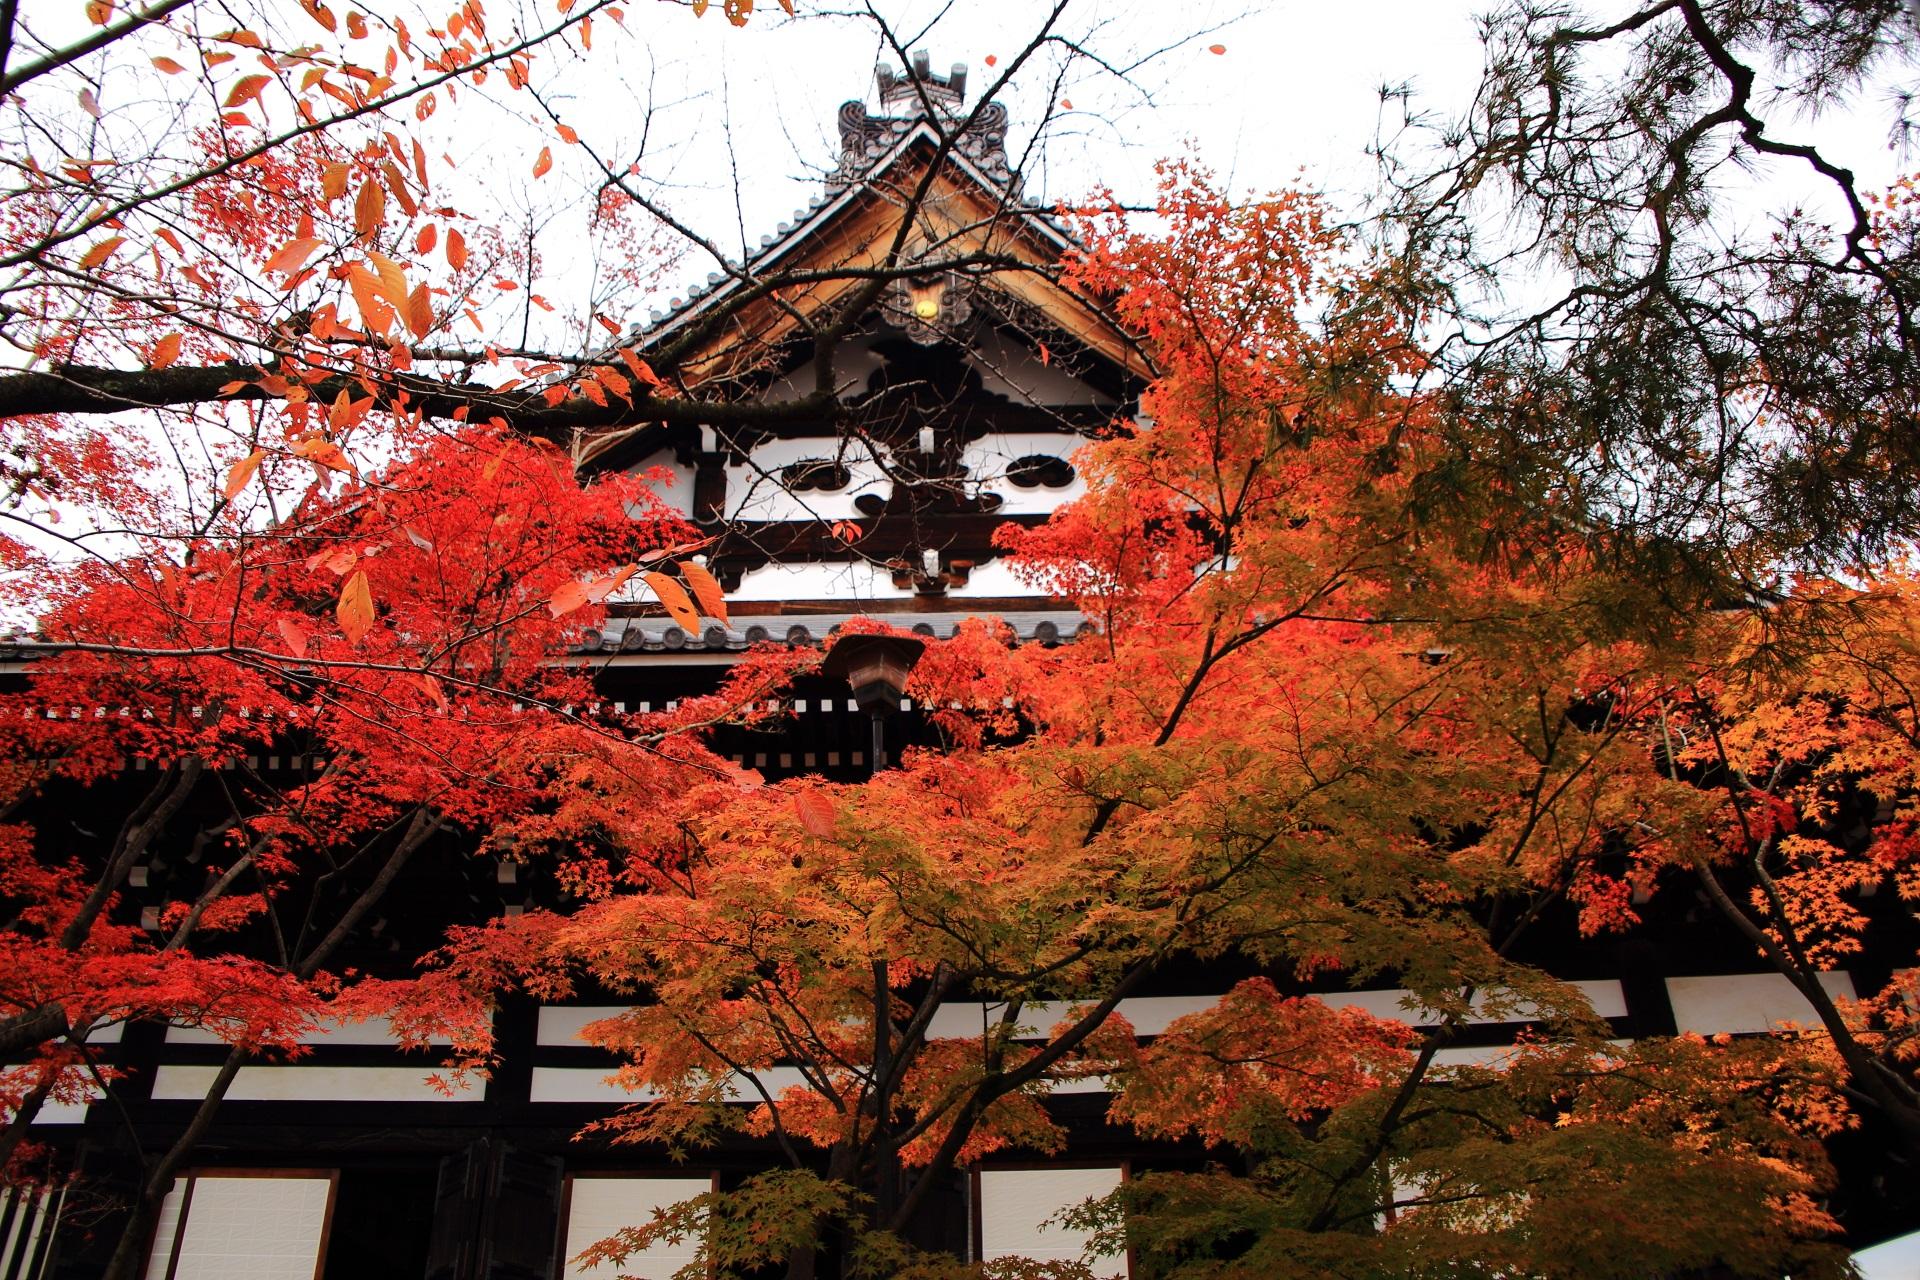 妙顕寺の本堂の白壁に映える鮮やかで多彩な紅葉